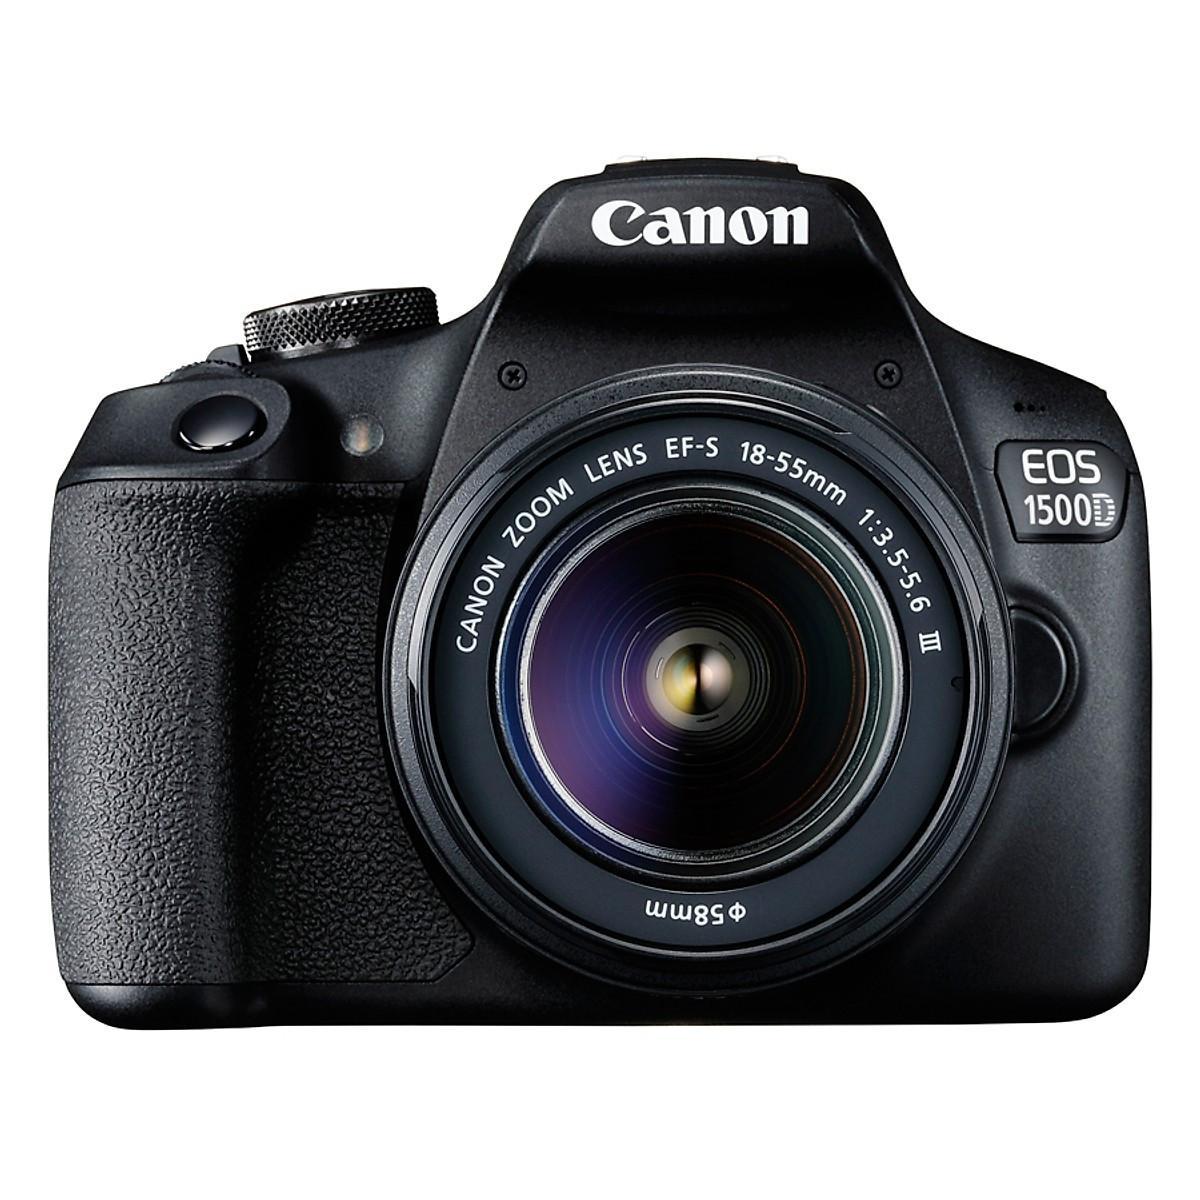 Đánh giá chi tiết Máy Ảnh Canon EOS 1500D + Lens EF-S 18 - 55mm III